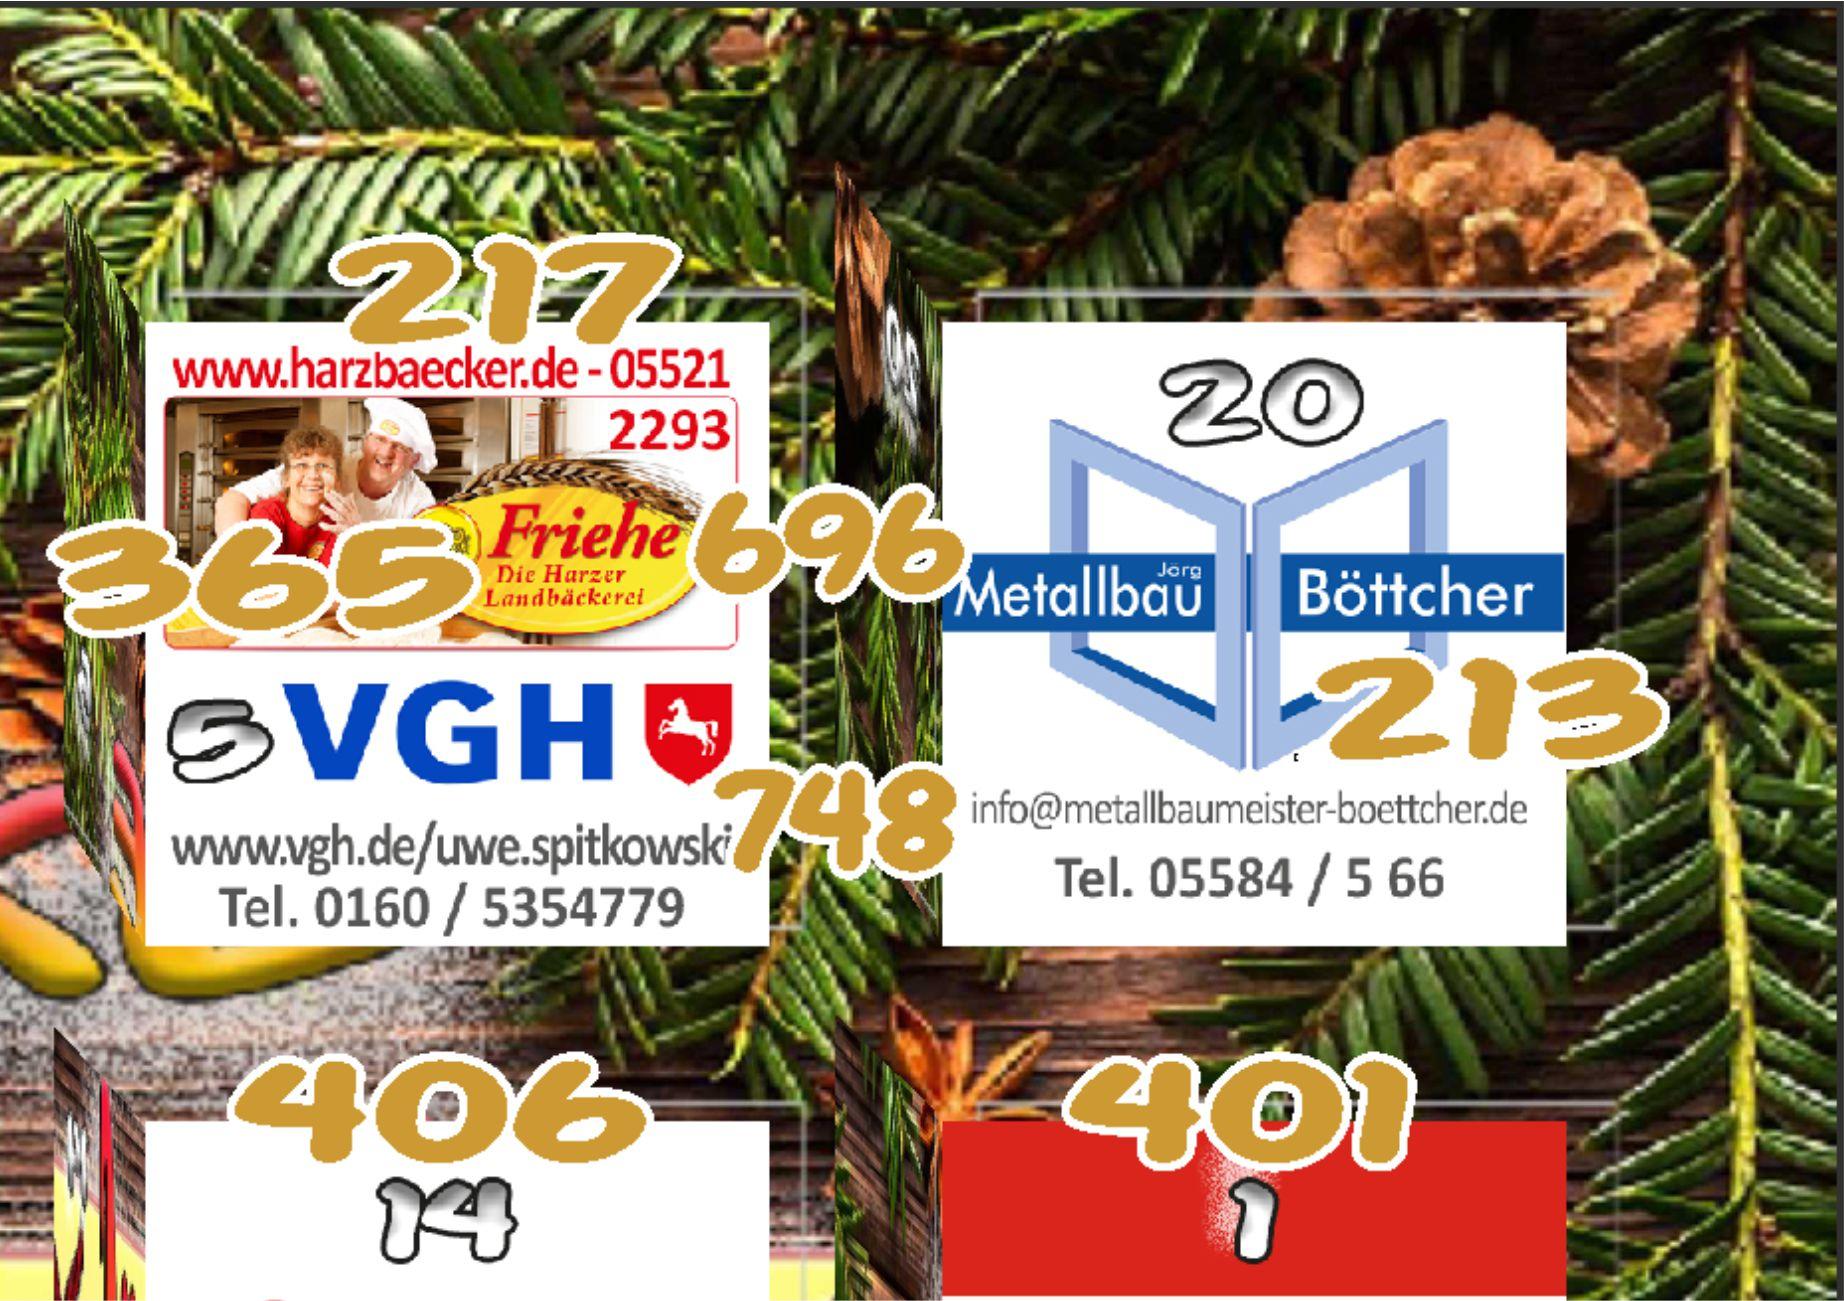 Heute ist der 20. Dezember, der 4. Advent und hier ist wieder 1 Gewinnnummer!